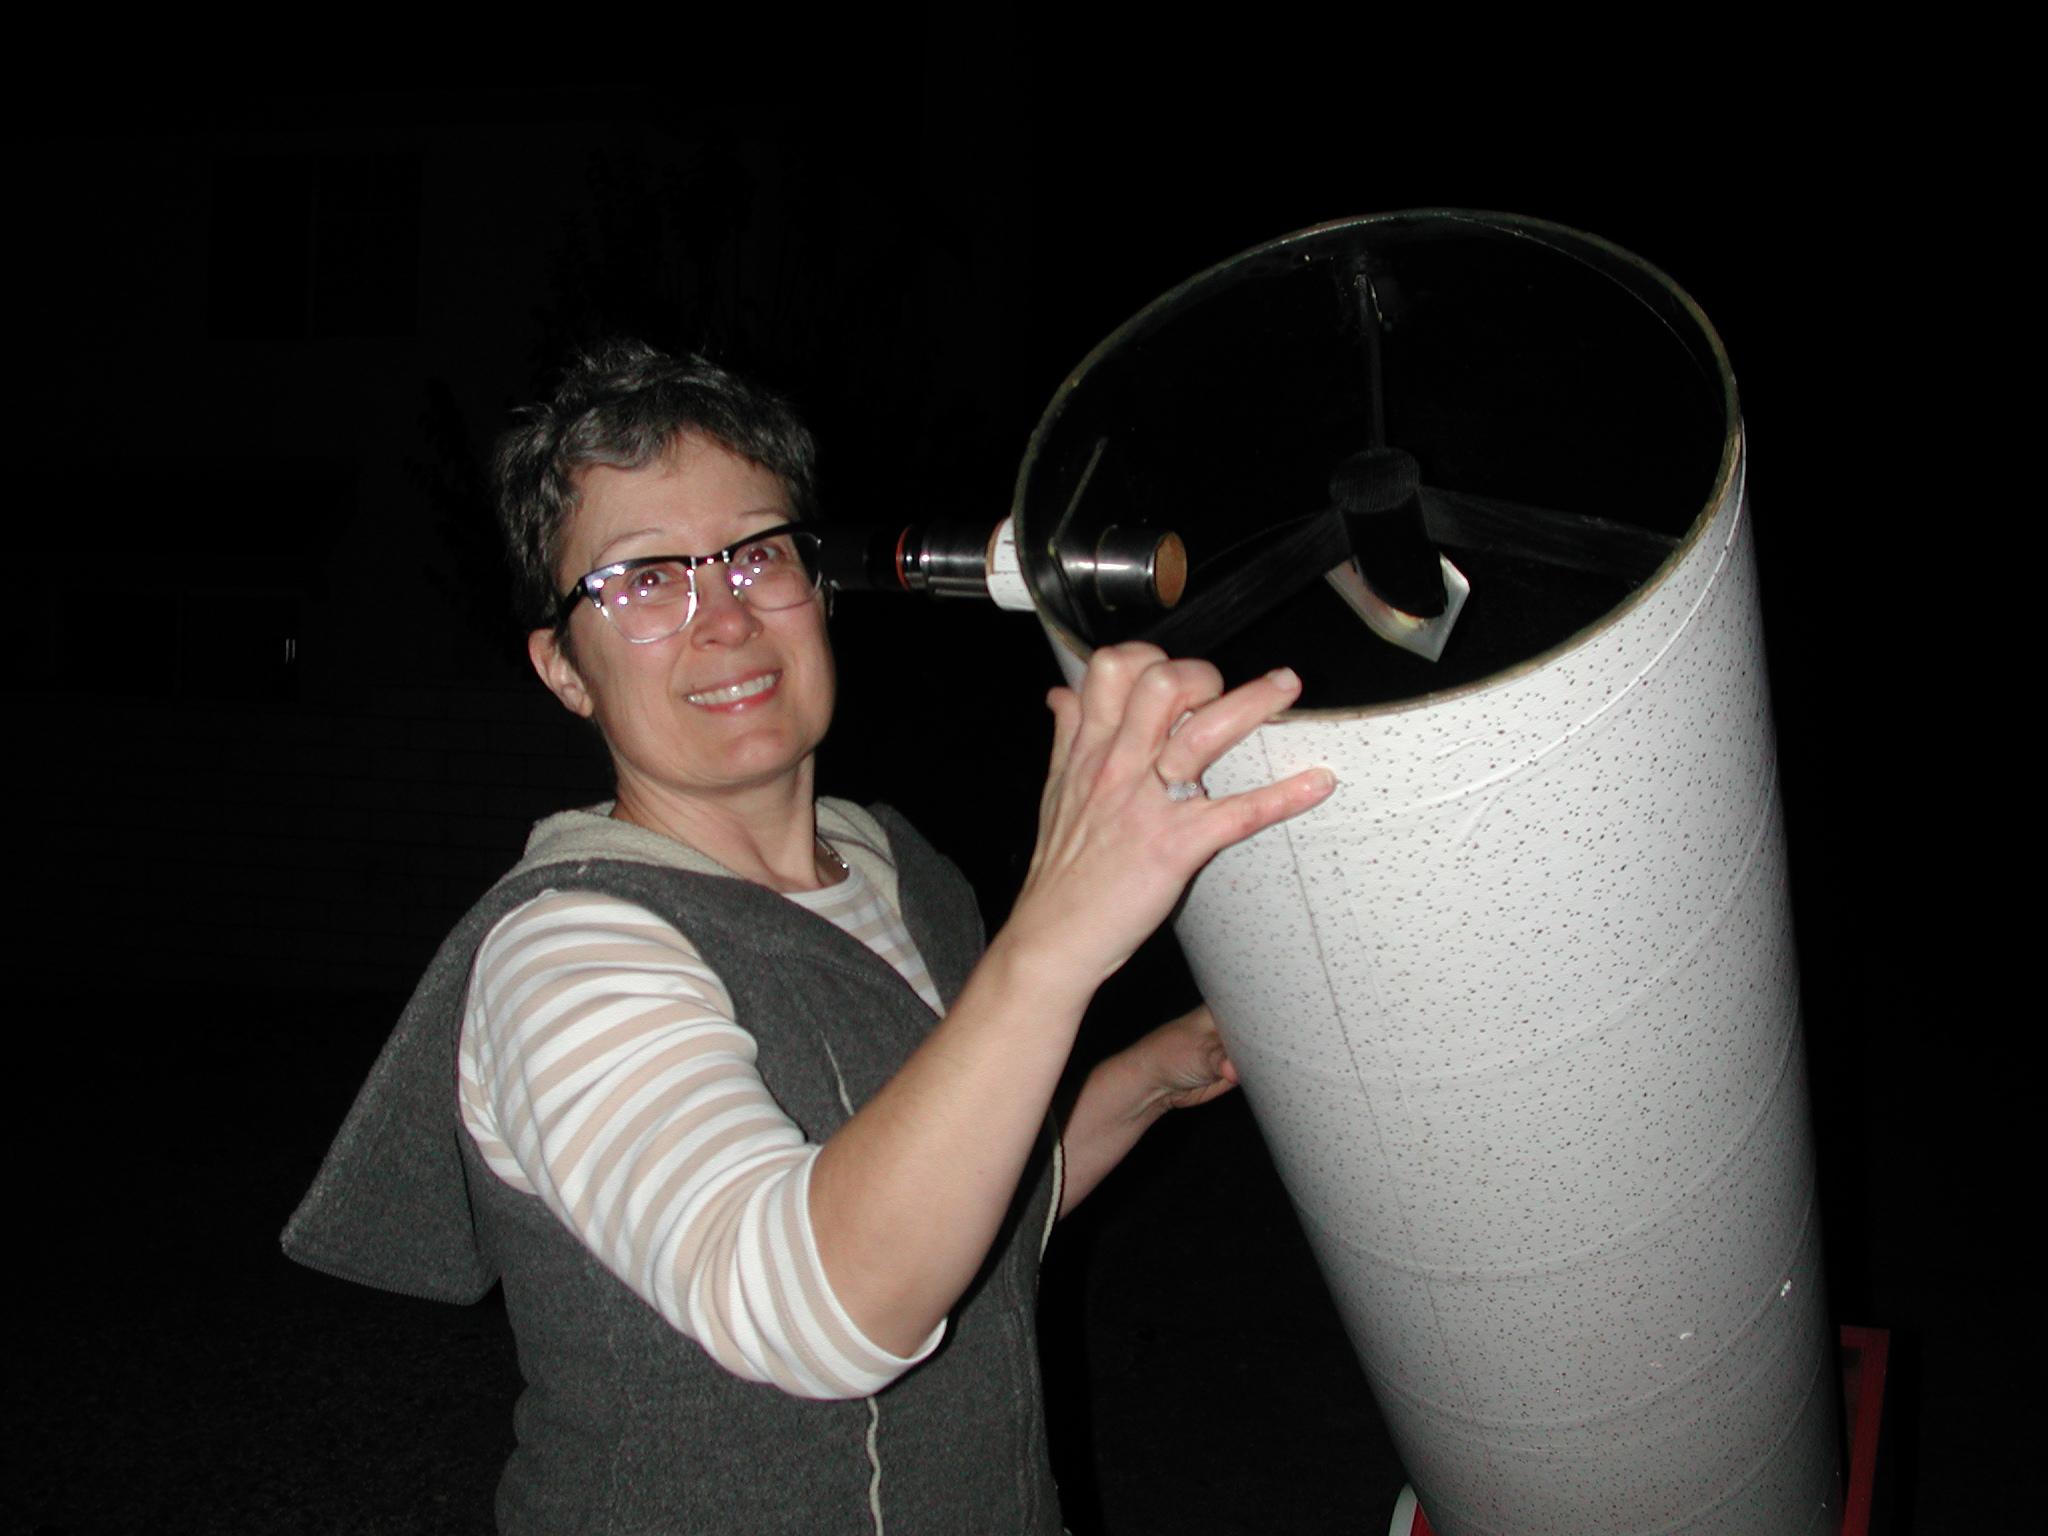 astronomer nasa - Astronomy Jobs At Nasa